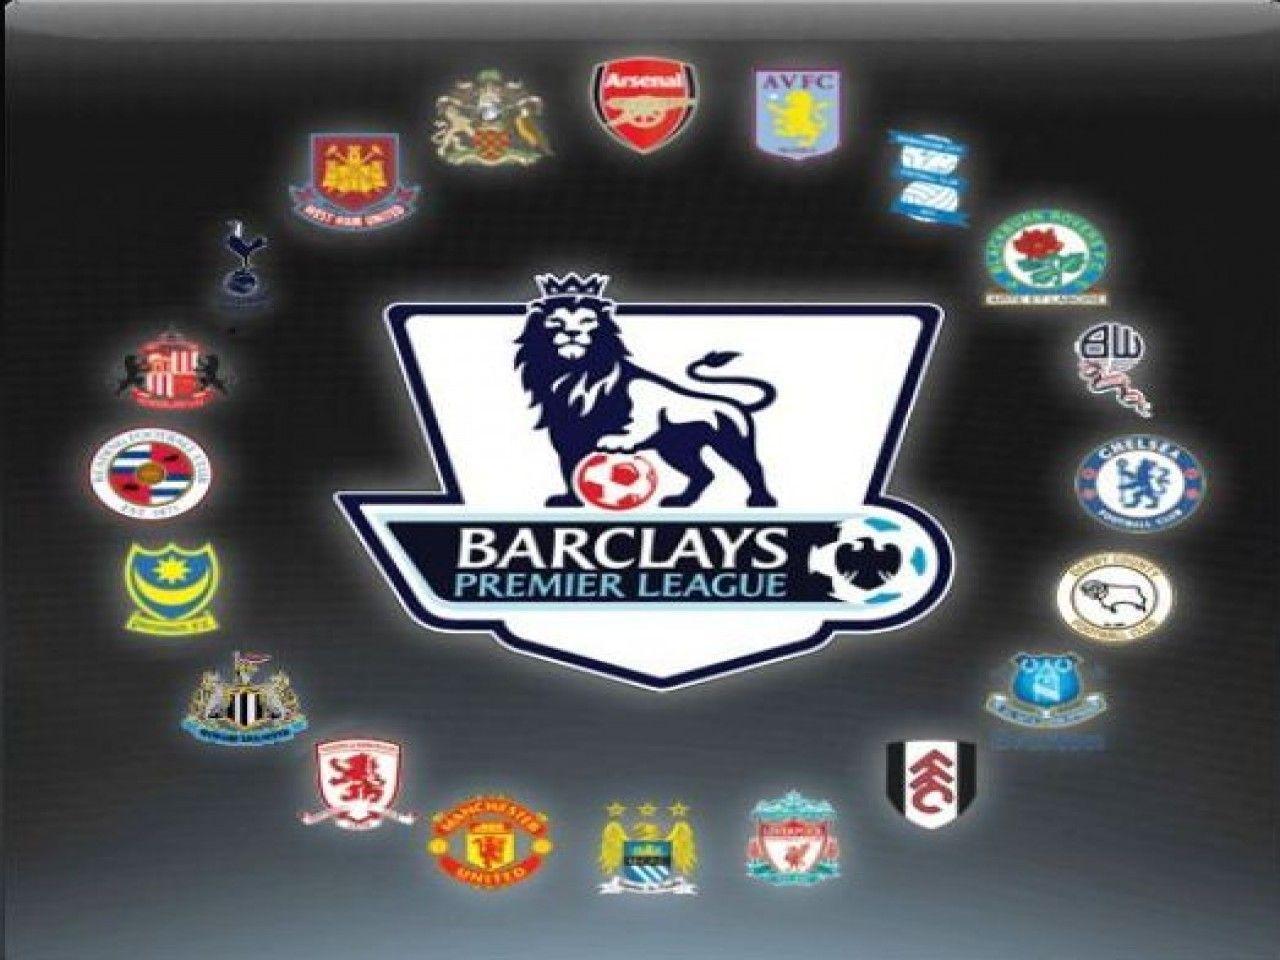 Barclays Premier League Wallpapers - Wallpaper Cave